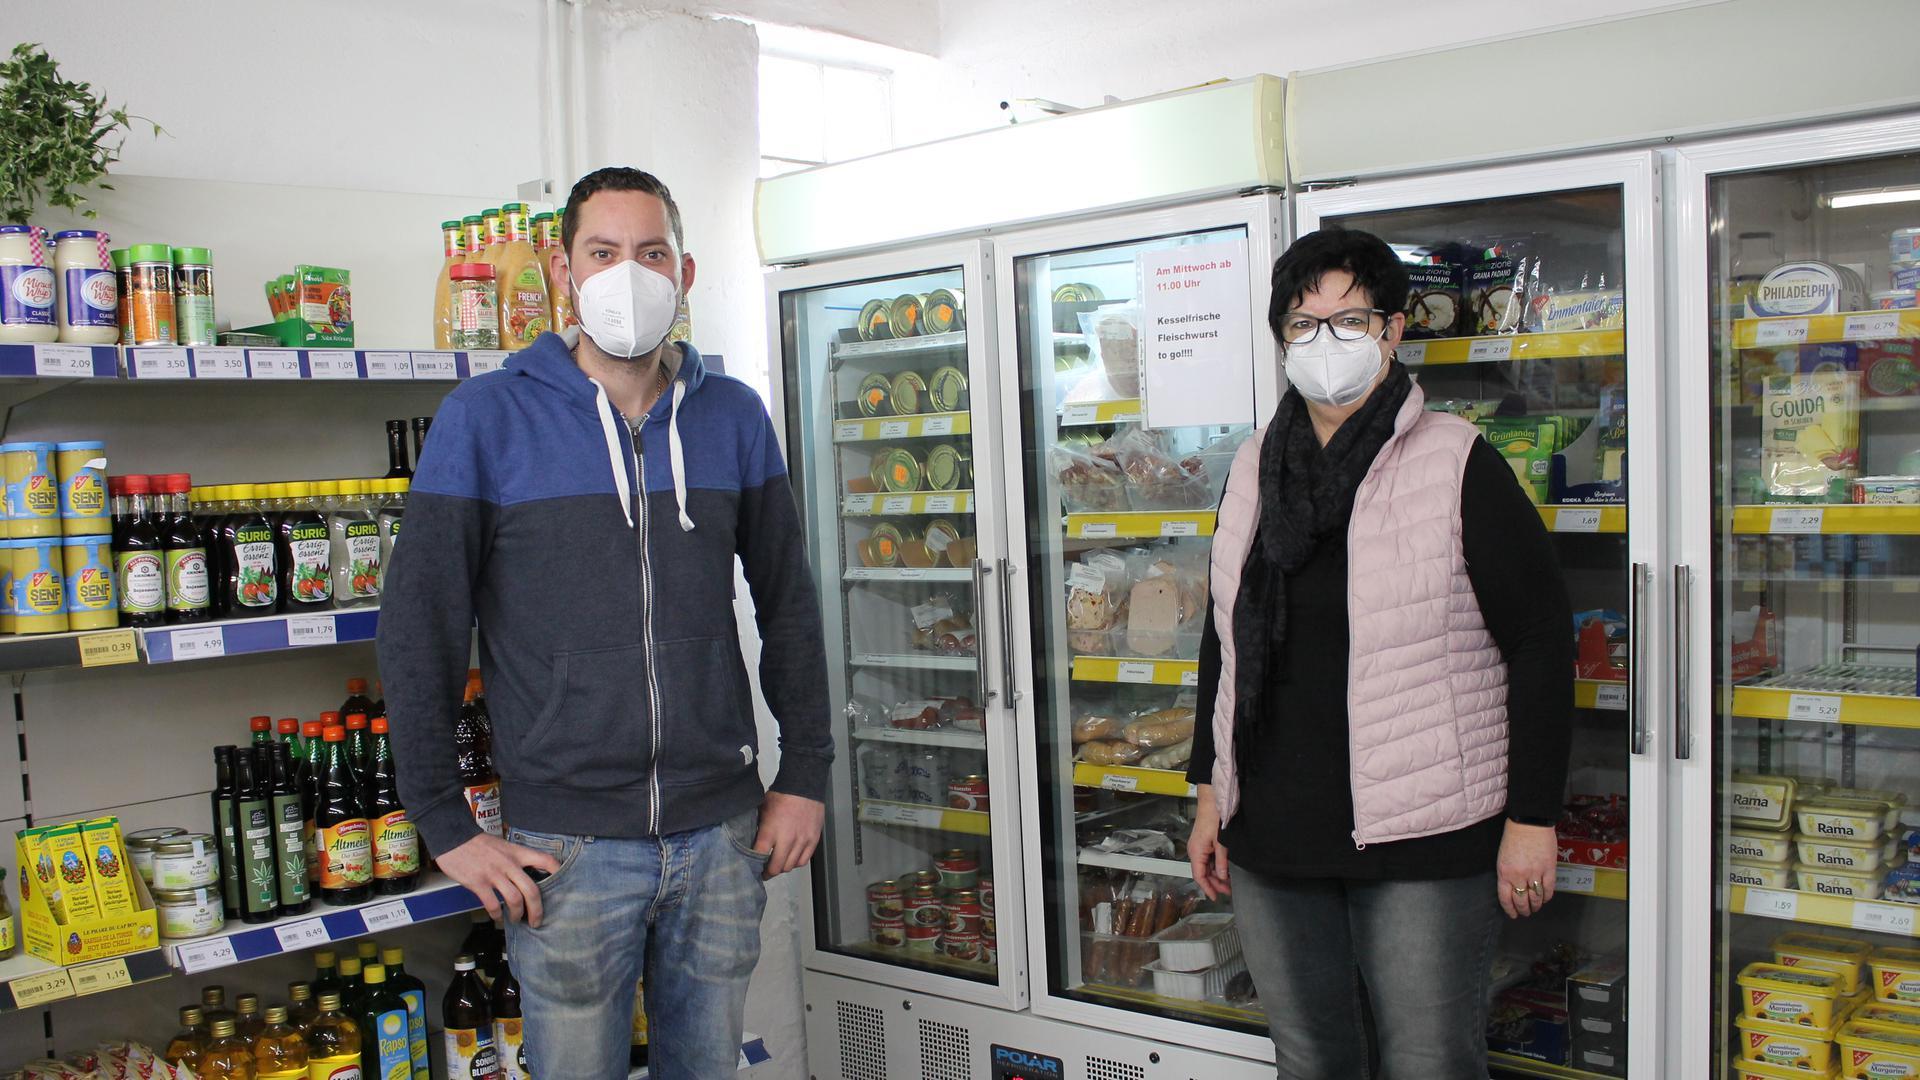 Links ein Mann, rechts eine Frau, dazwischen ein Kühlschrank mit Wurstwaren